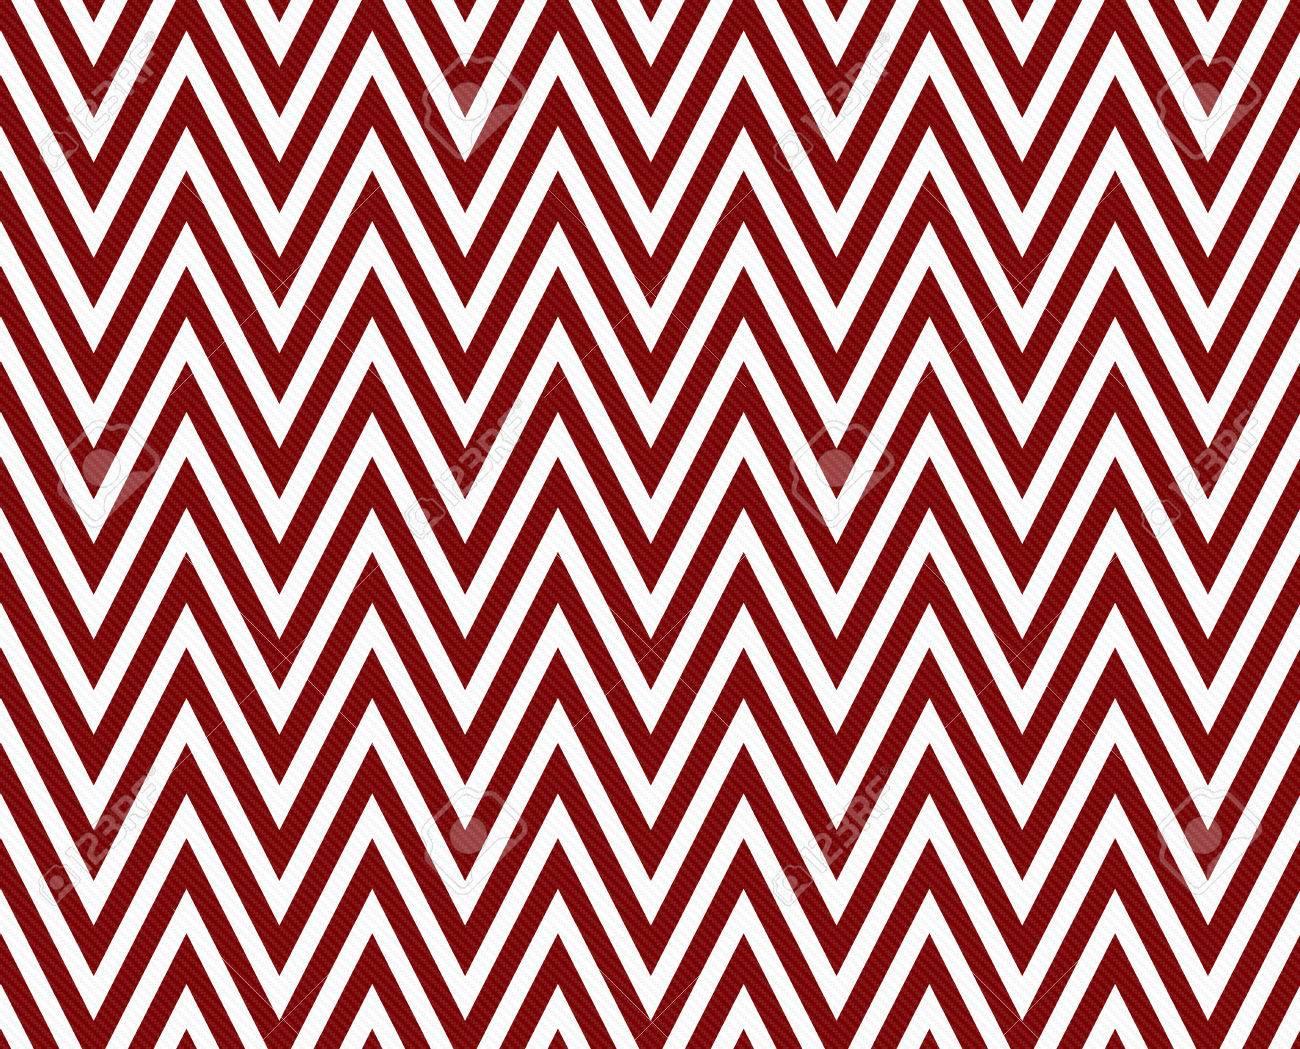 Thin Dark Red And White Horizontal Chevron Striped Textured ...